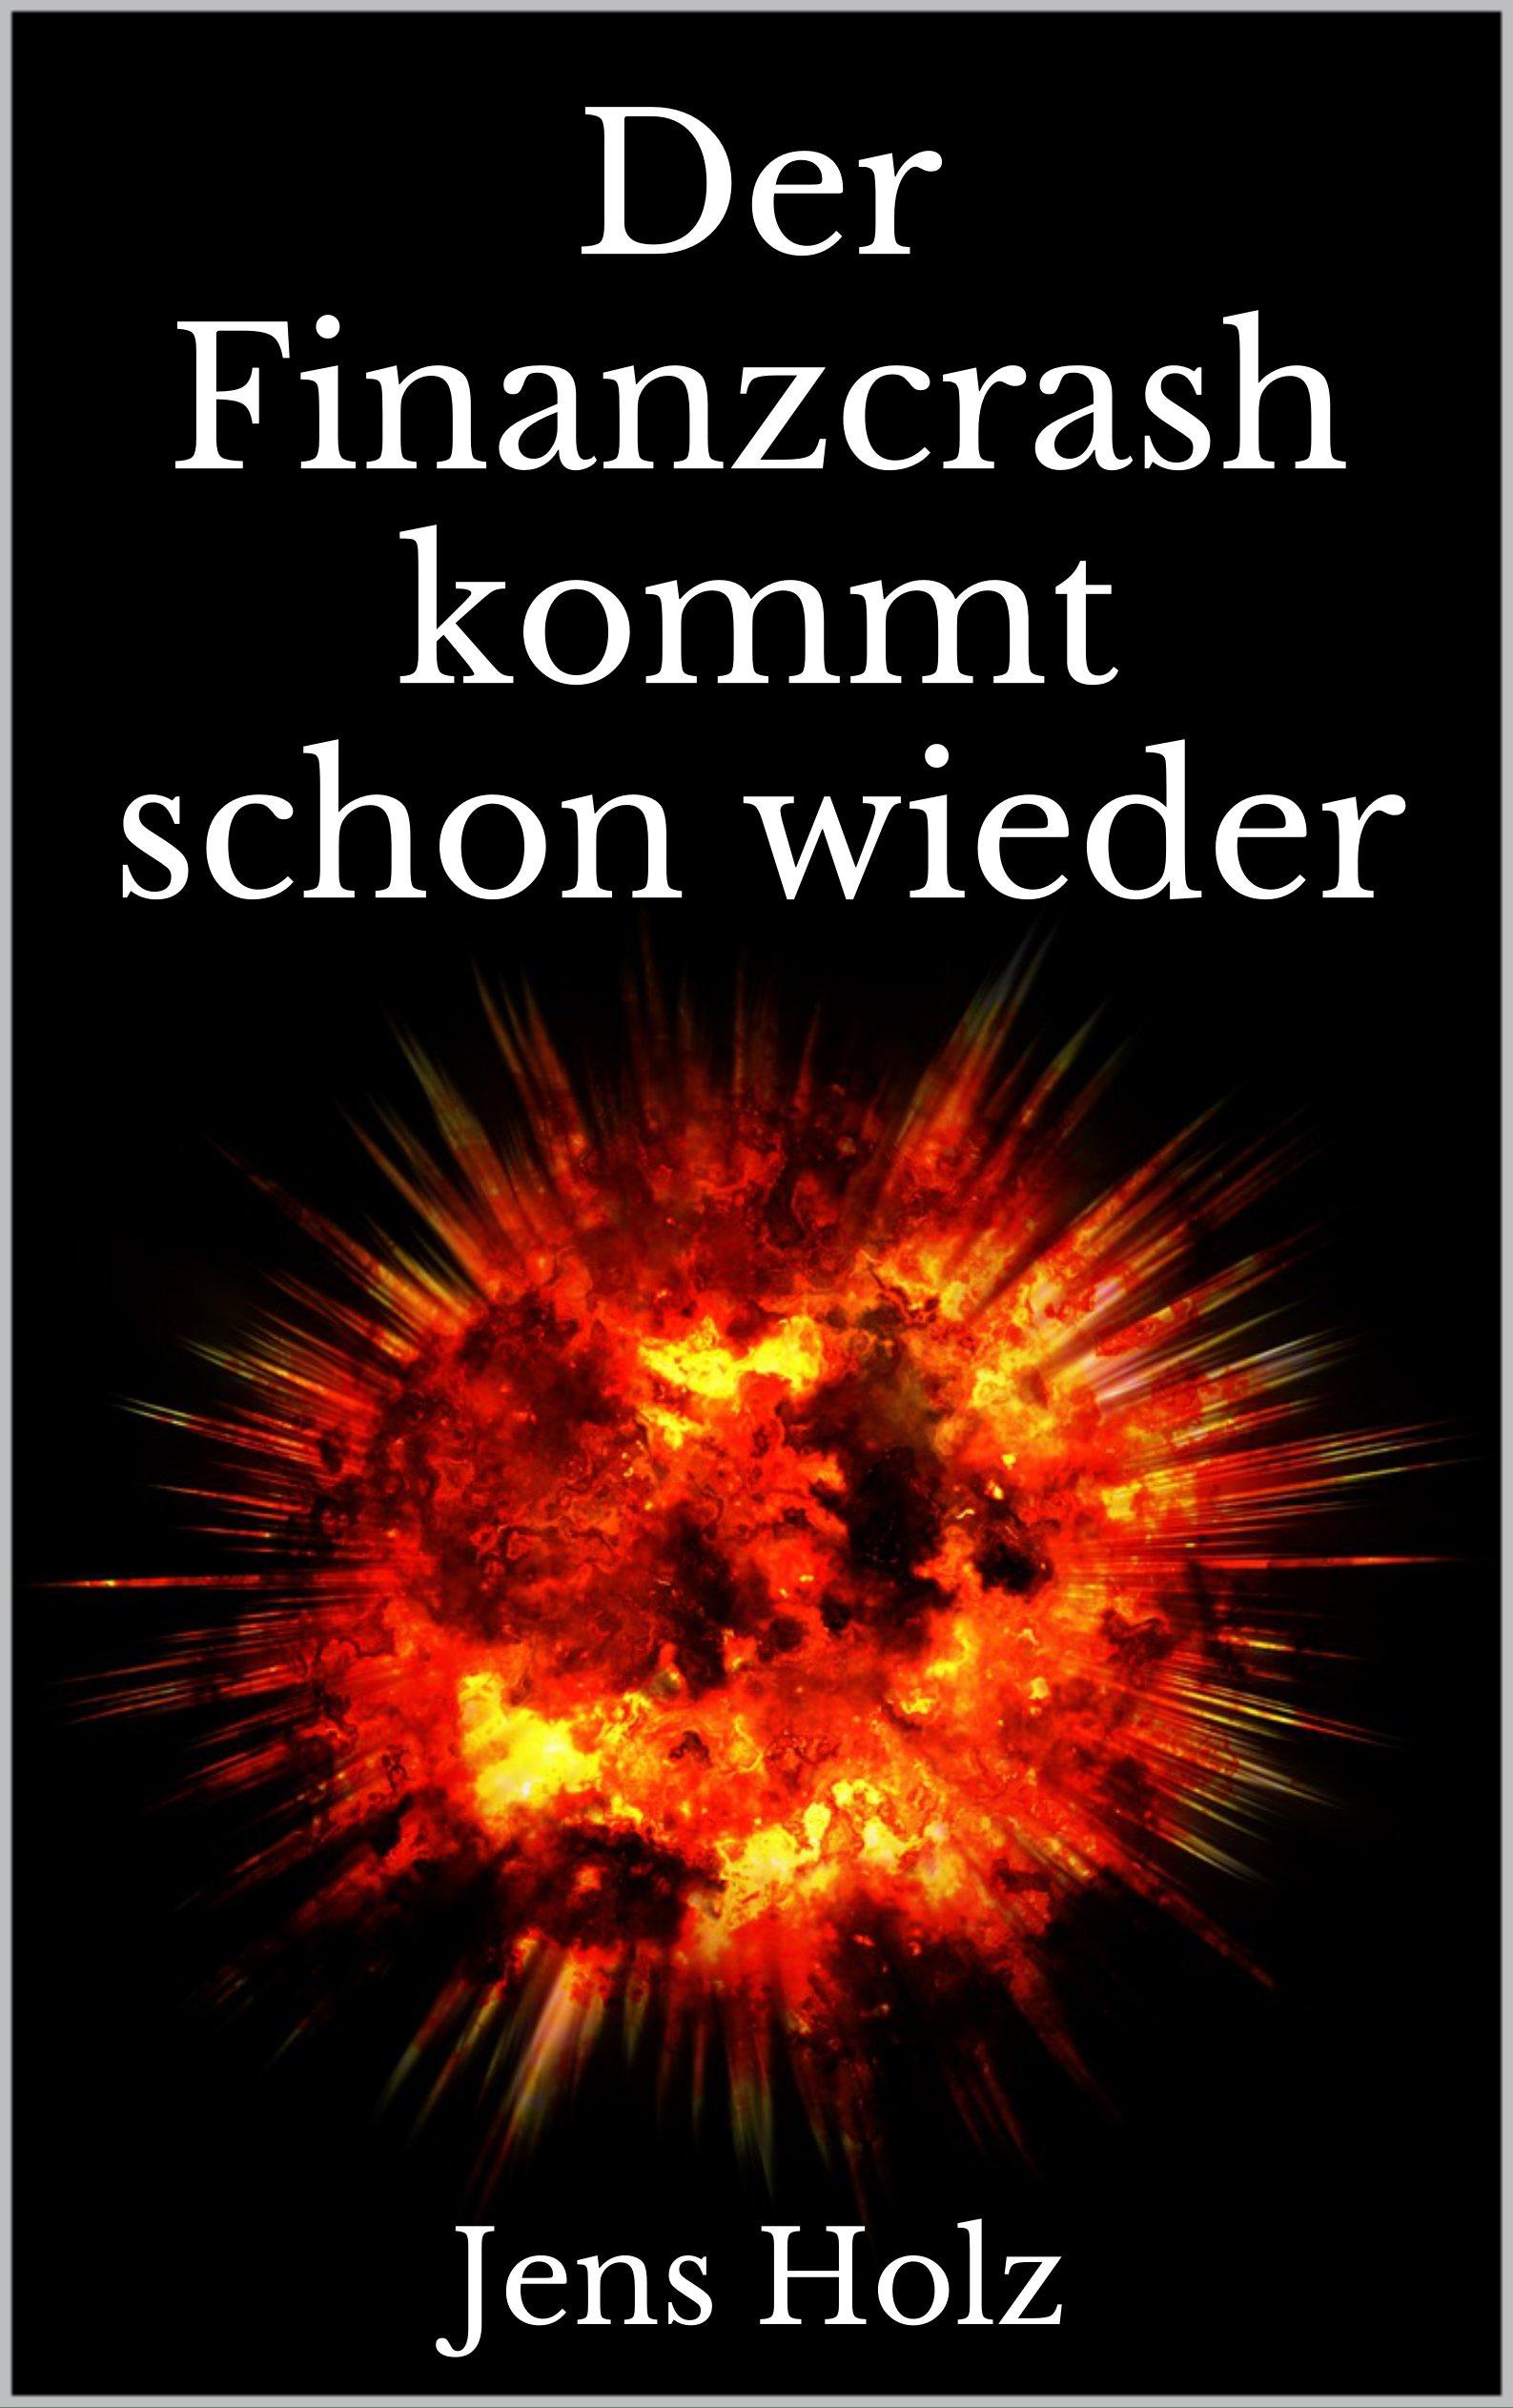 Der Finanzcrash kommt schon wieder (German Edition)